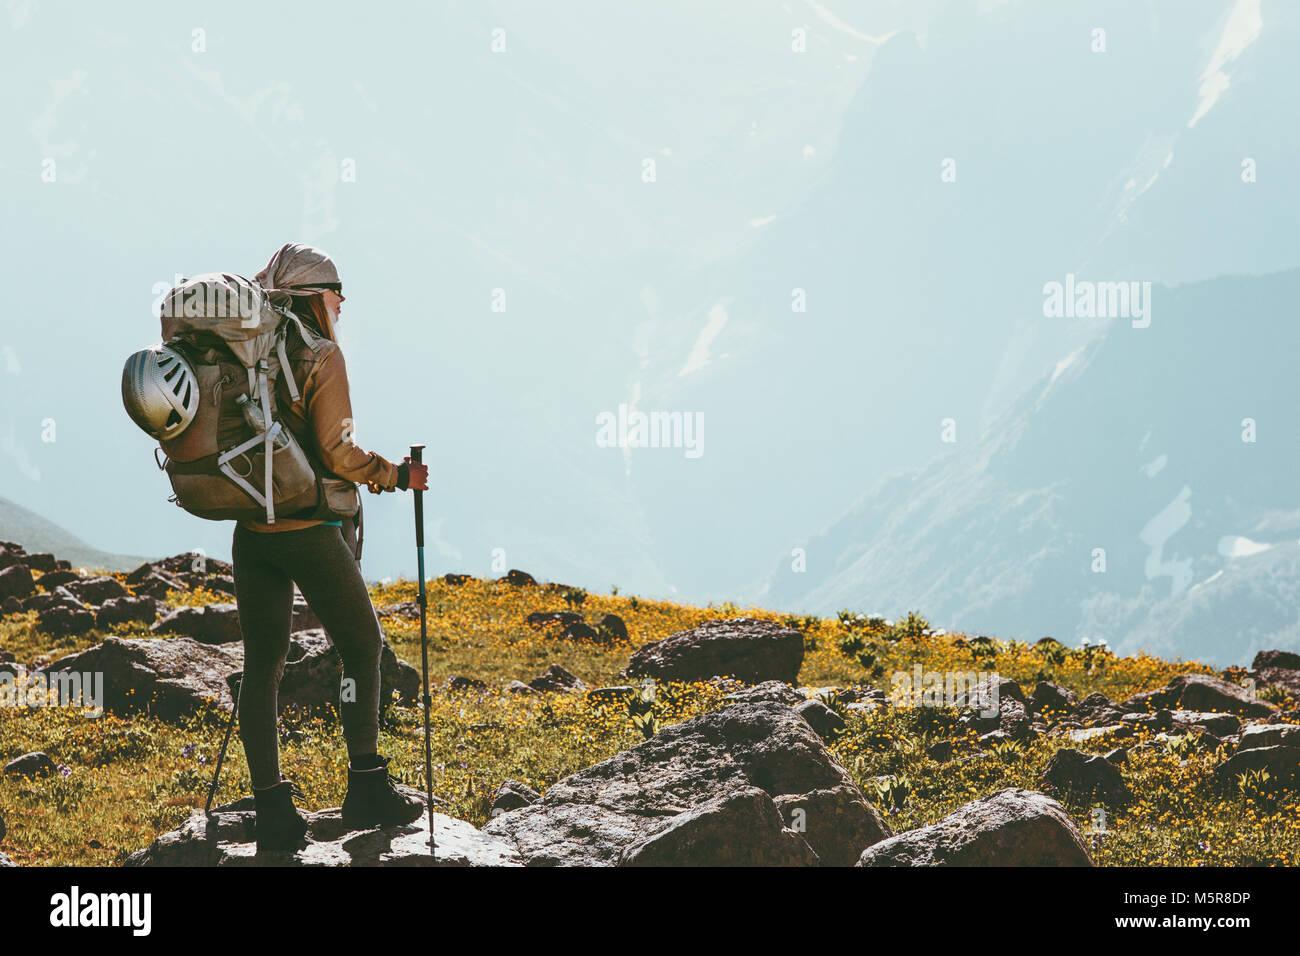 Mujer con mochila de trekking aventura concepto de estilo de vida saludable al aire libre vacaciones de verano activo Imagen De Stock